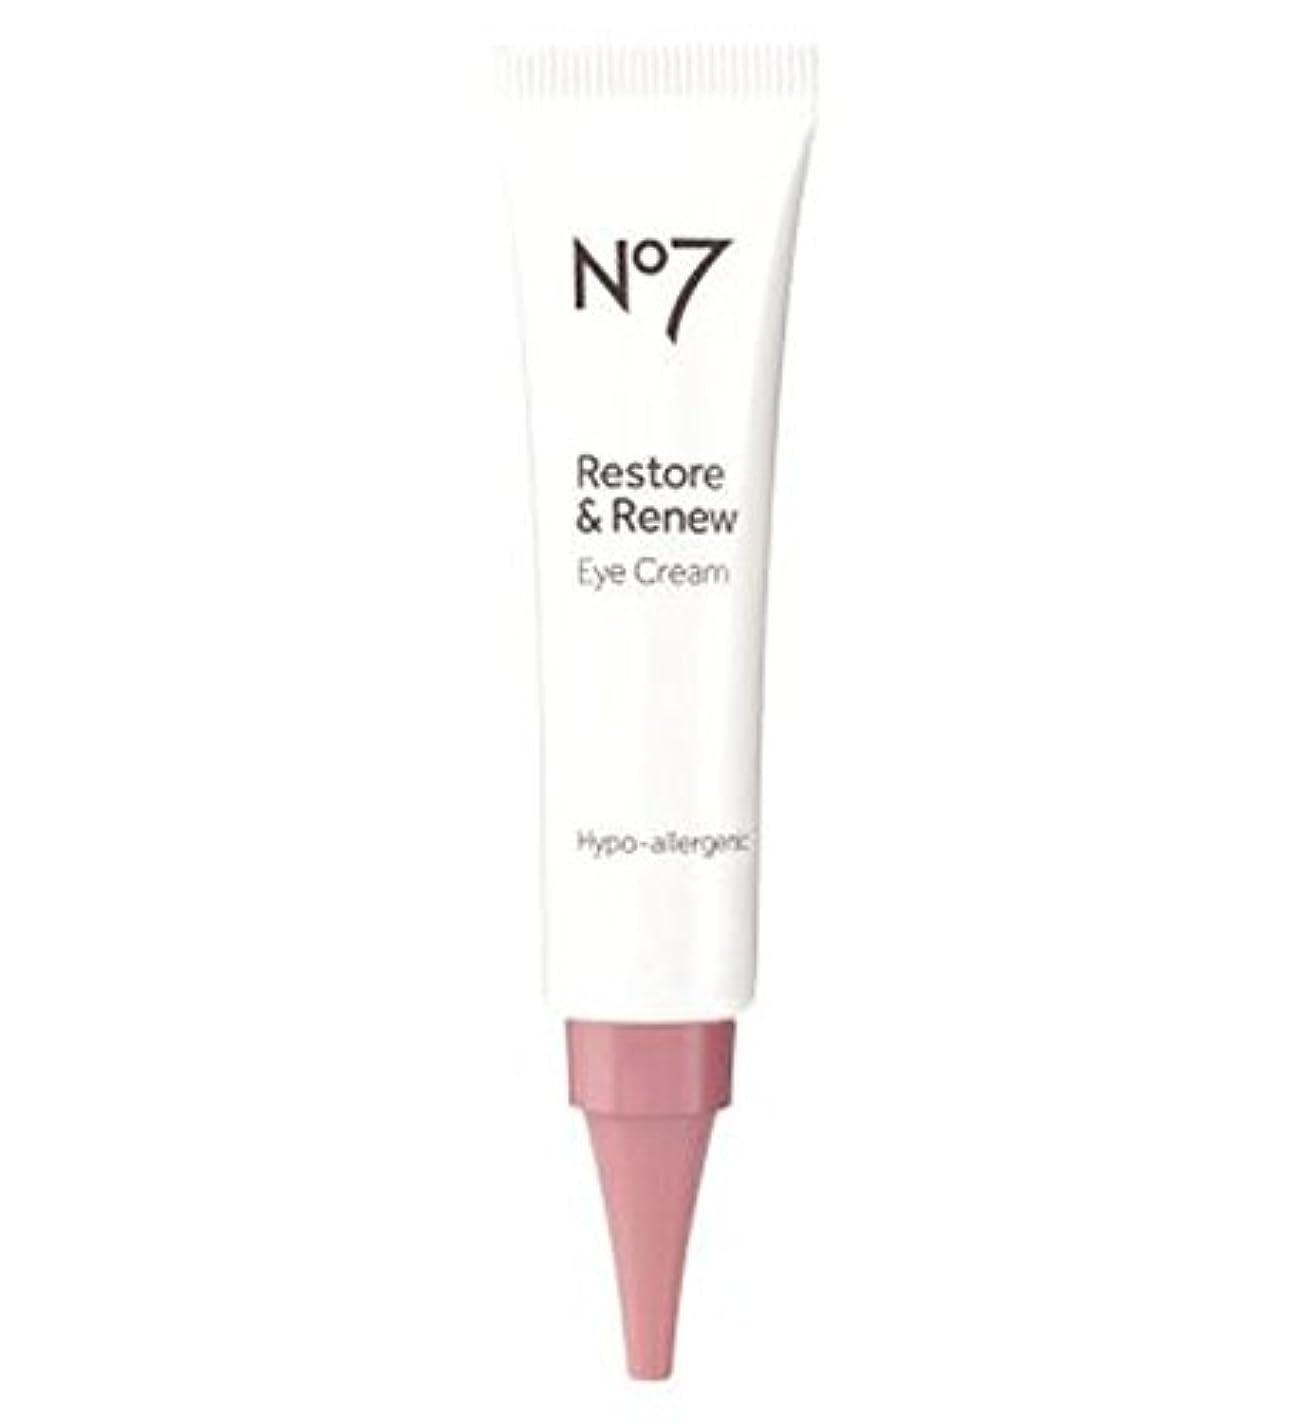 リーズ砲兵ギネスNo7 Restore & Renew Eye Cream - No7復元&アイクリームを更新 (No7) [並行輸入品]